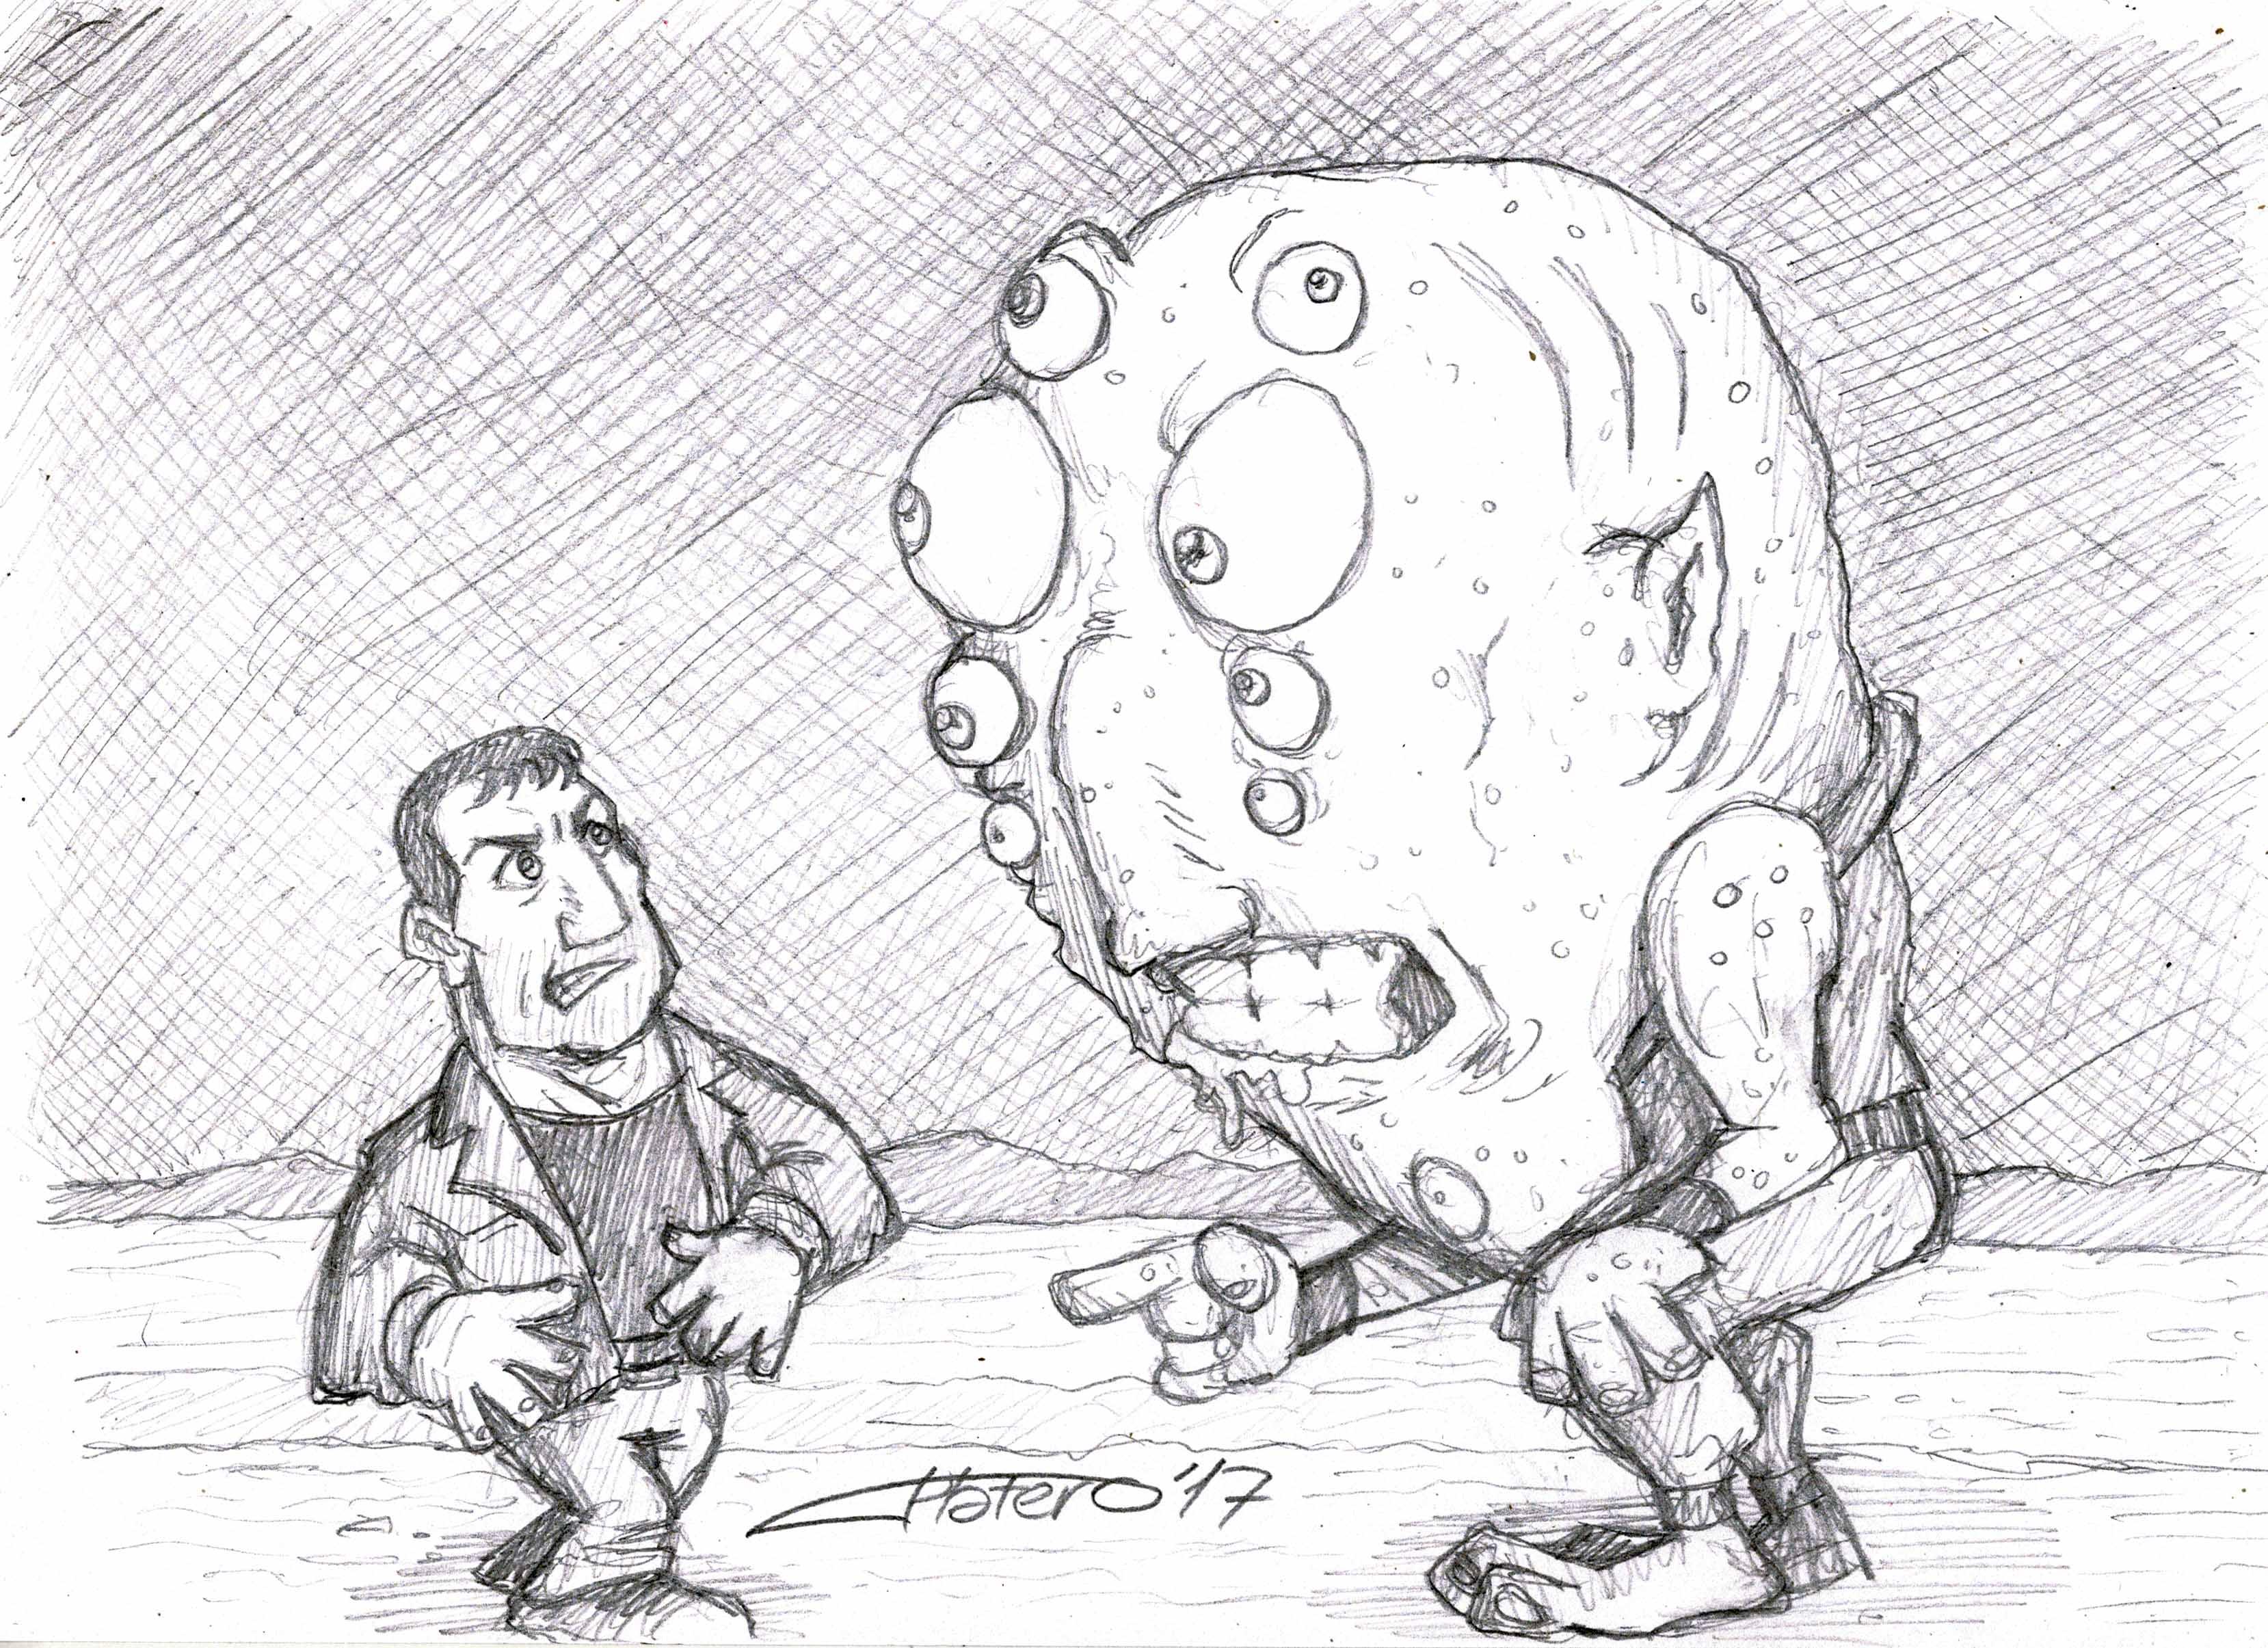 Hombre y extraterrestre